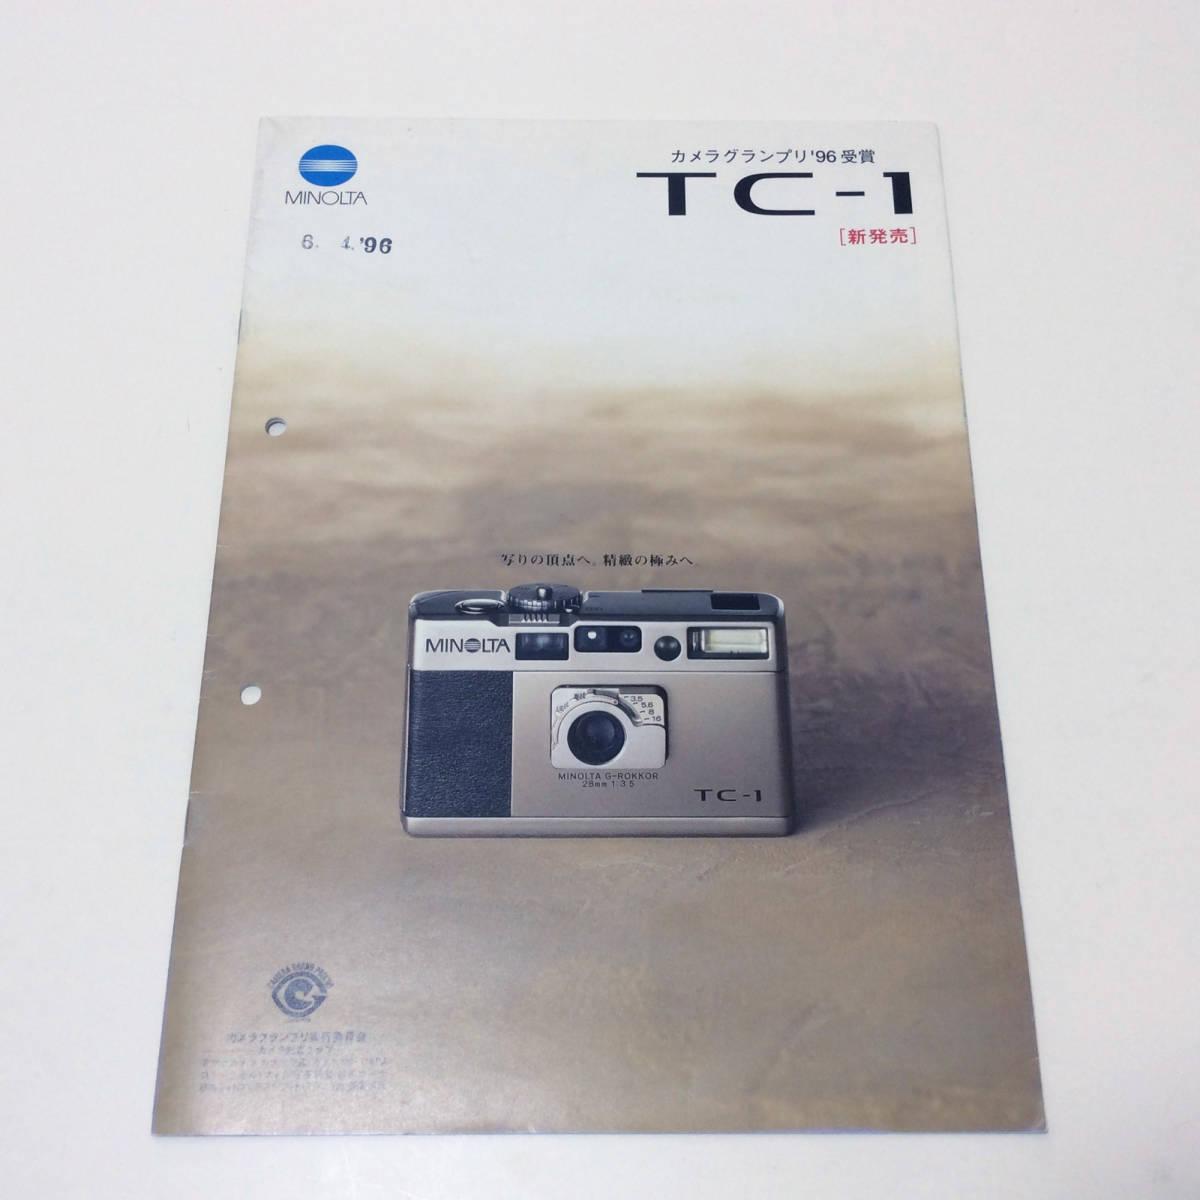 ミノルタ カタログ (TC-1 A4-18頁、PROD A4-4面、CLE A4-20頁 計3部)